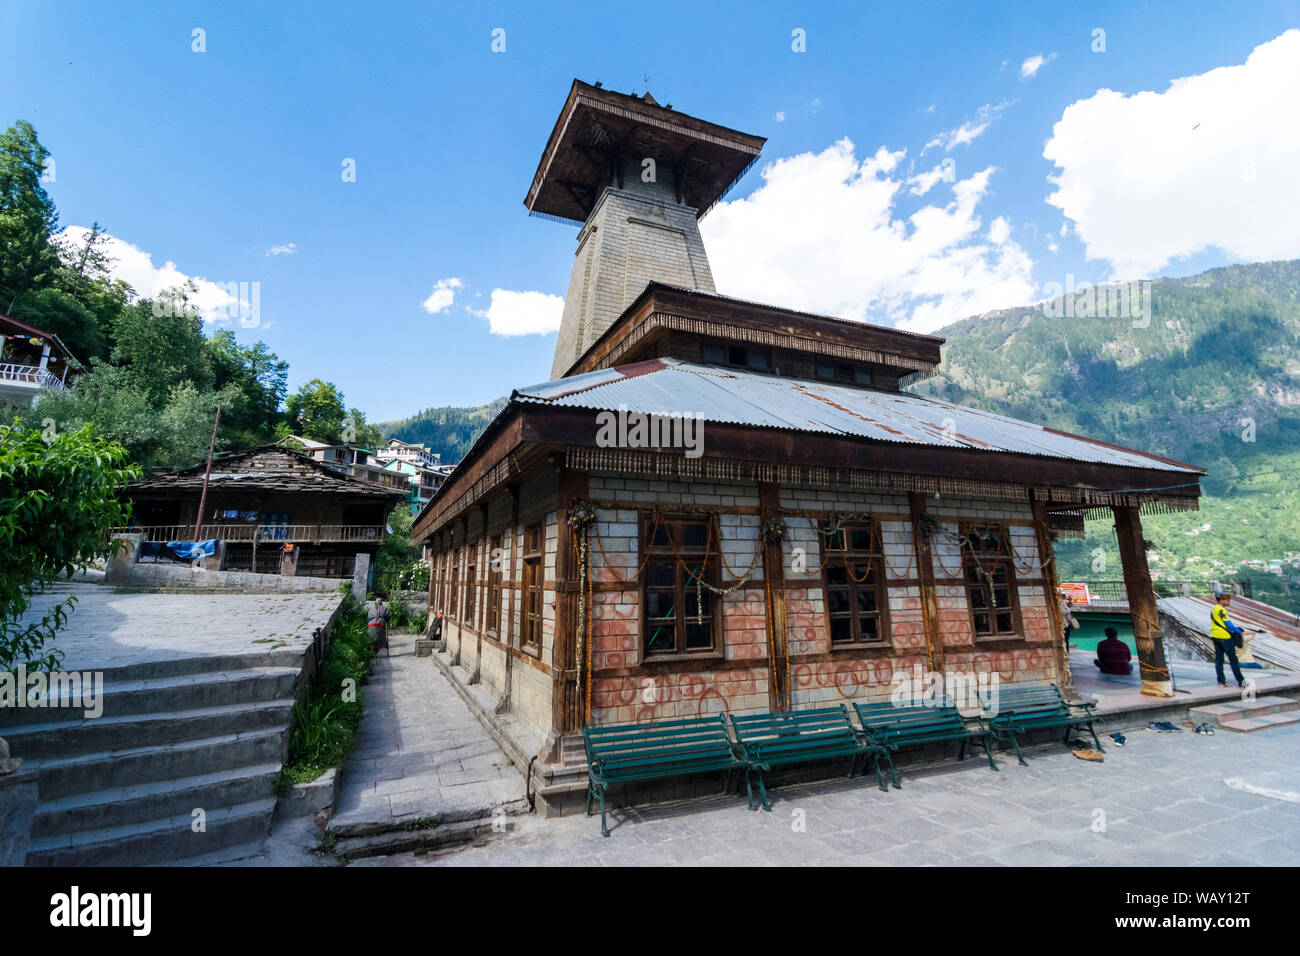 Manali, Himachal Pradesh, India - Mayo 30, 2019 : Templo en los Himalayas. Foto de stock